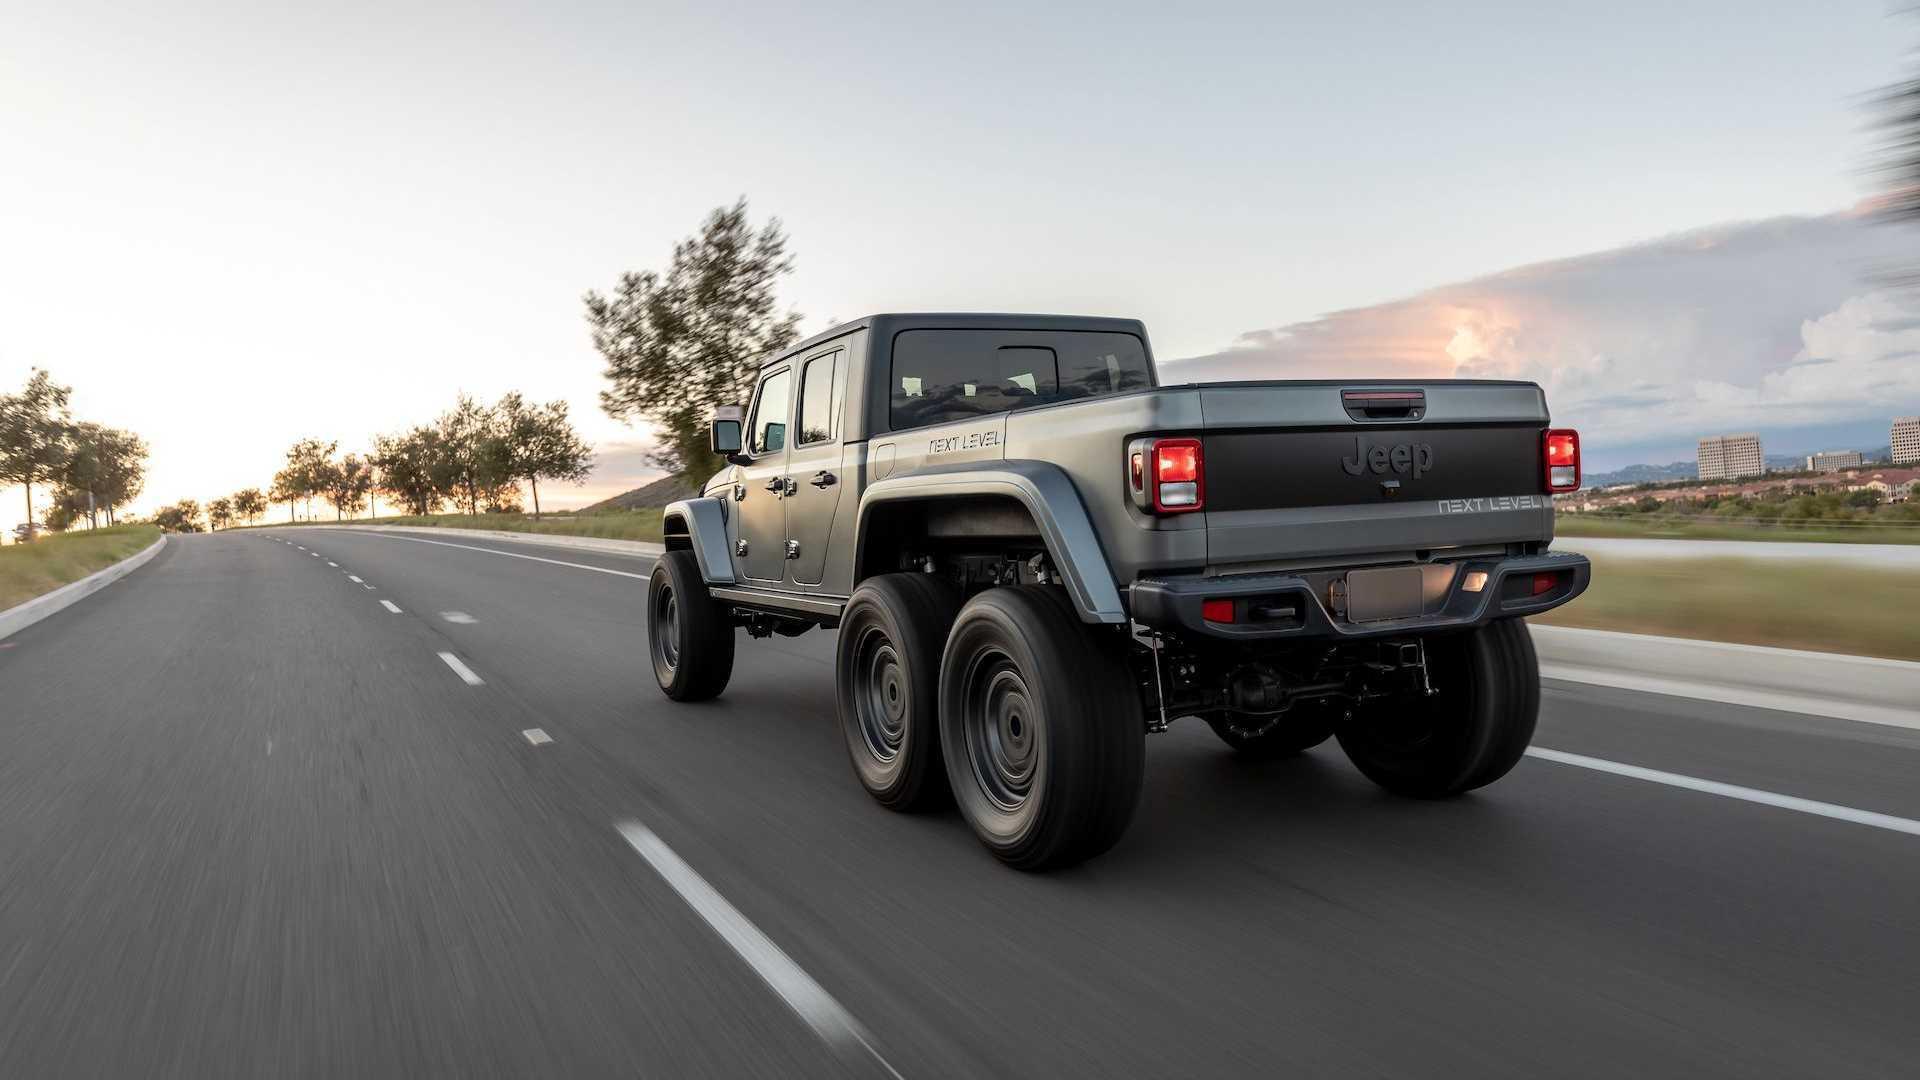 Первое творение Next Level – Jeep Gladiator 6x6